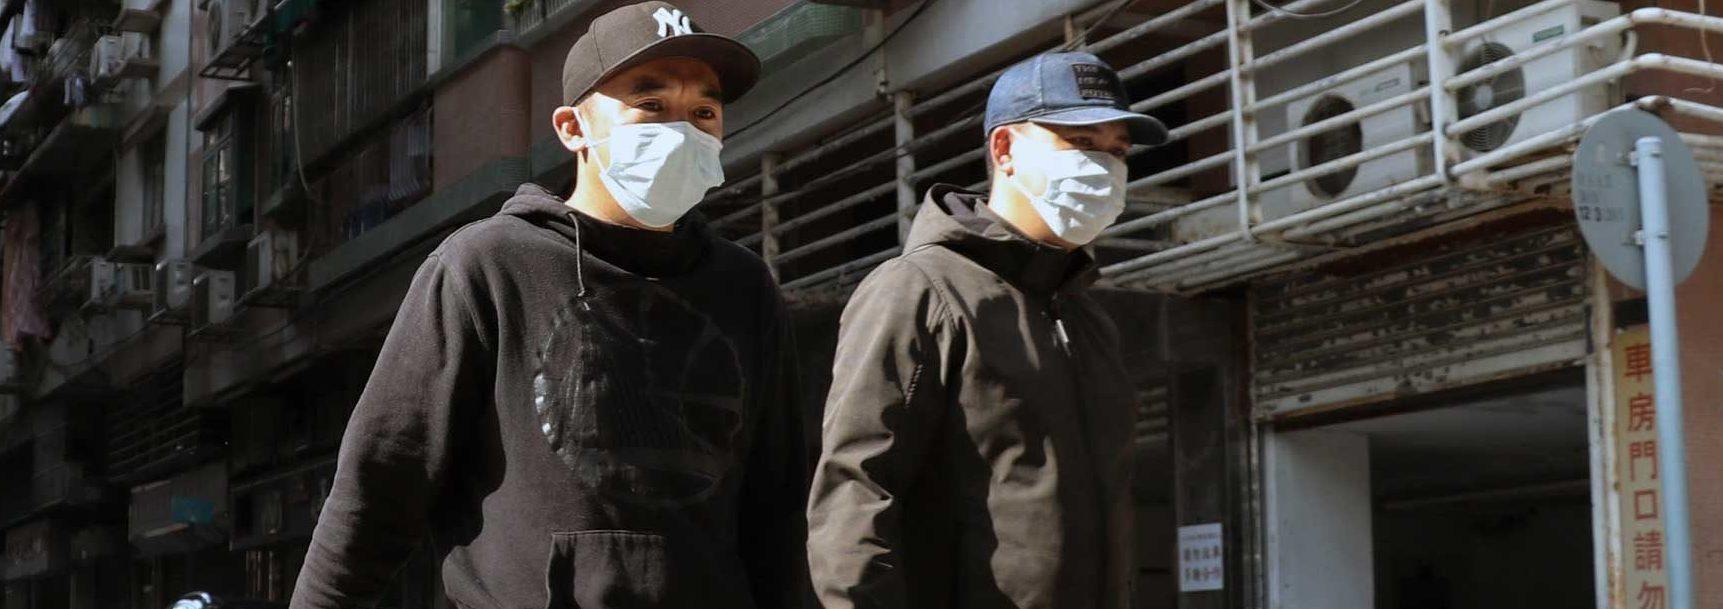 La industria de la moda en tiempos del Coronavirus